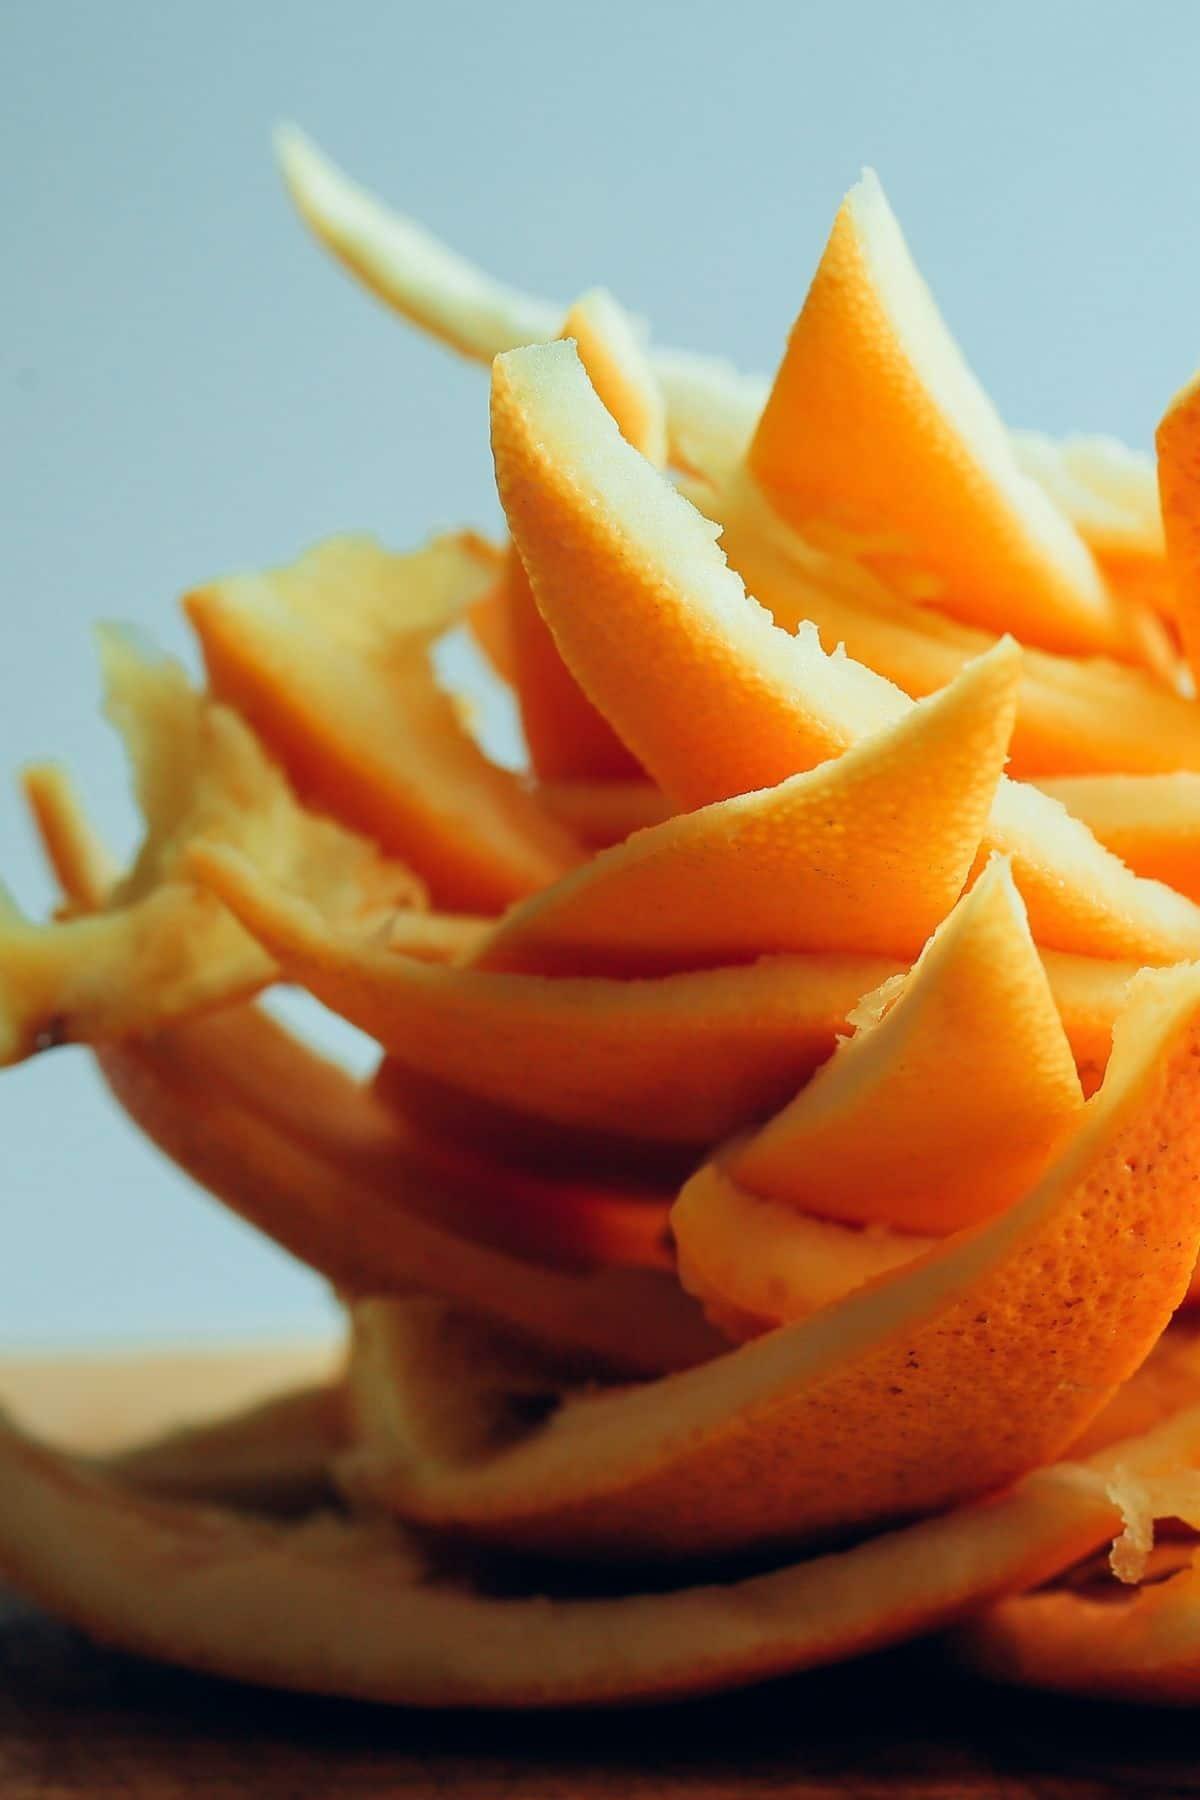 Stack of orange peels